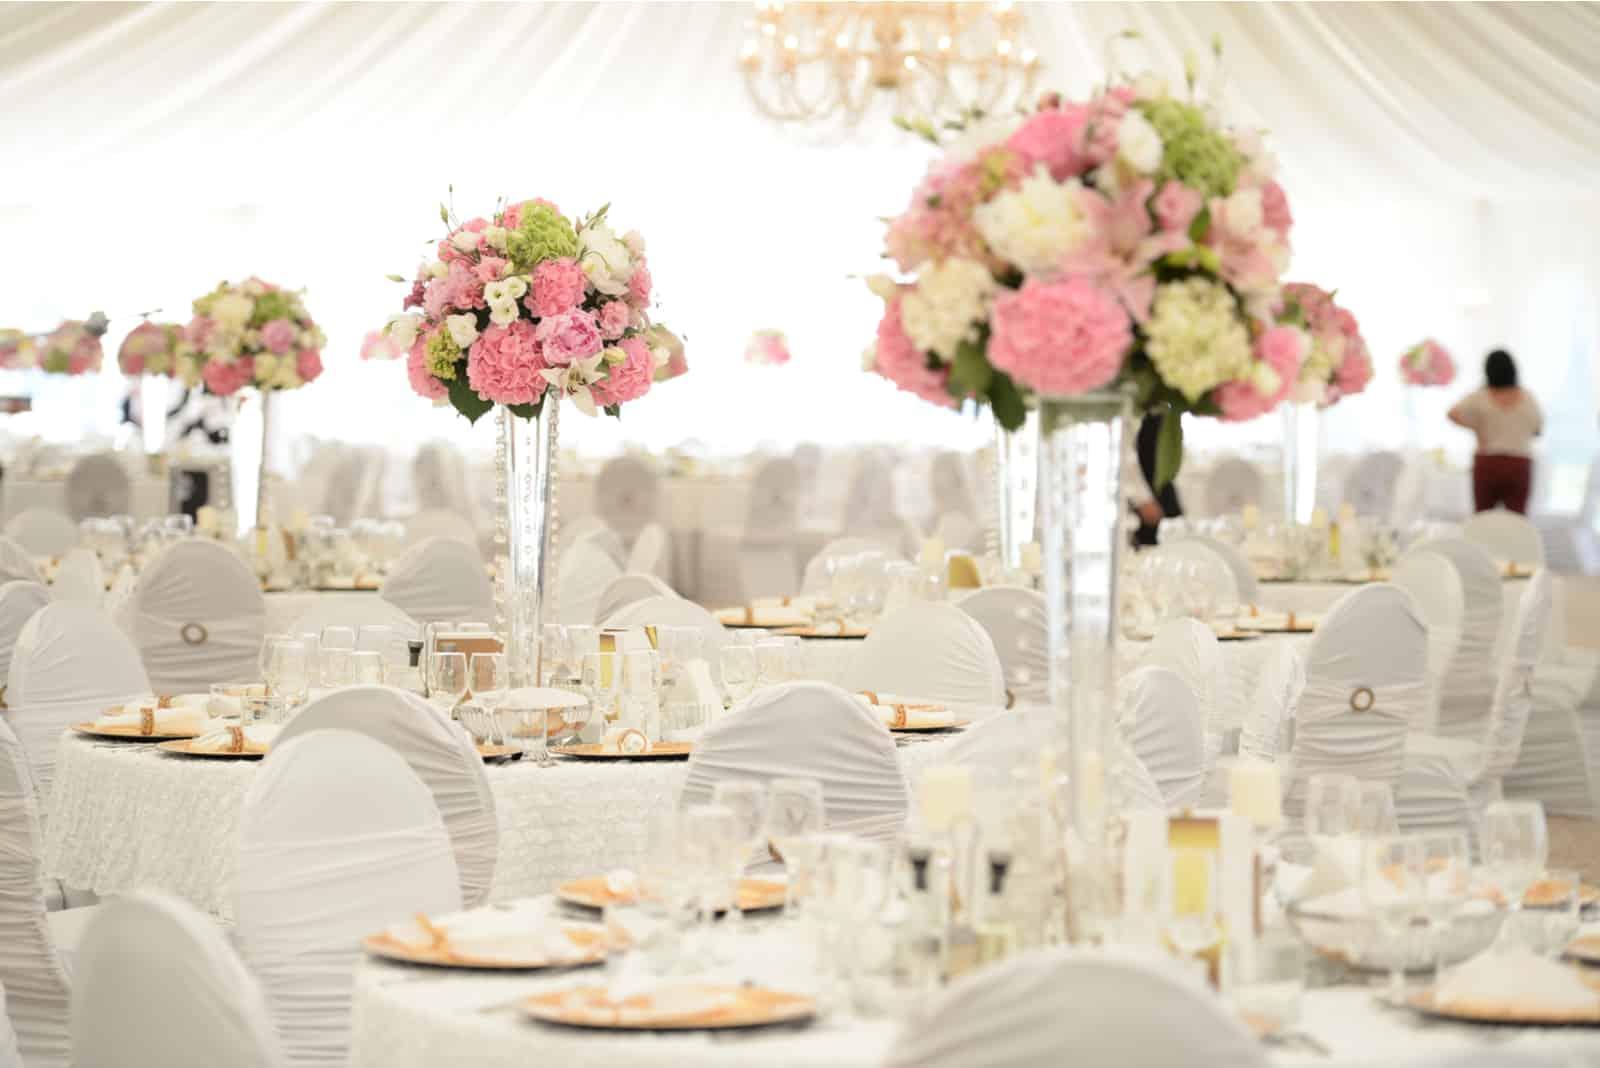 Schöne Blumen auf Tisch am Hochzeitstag